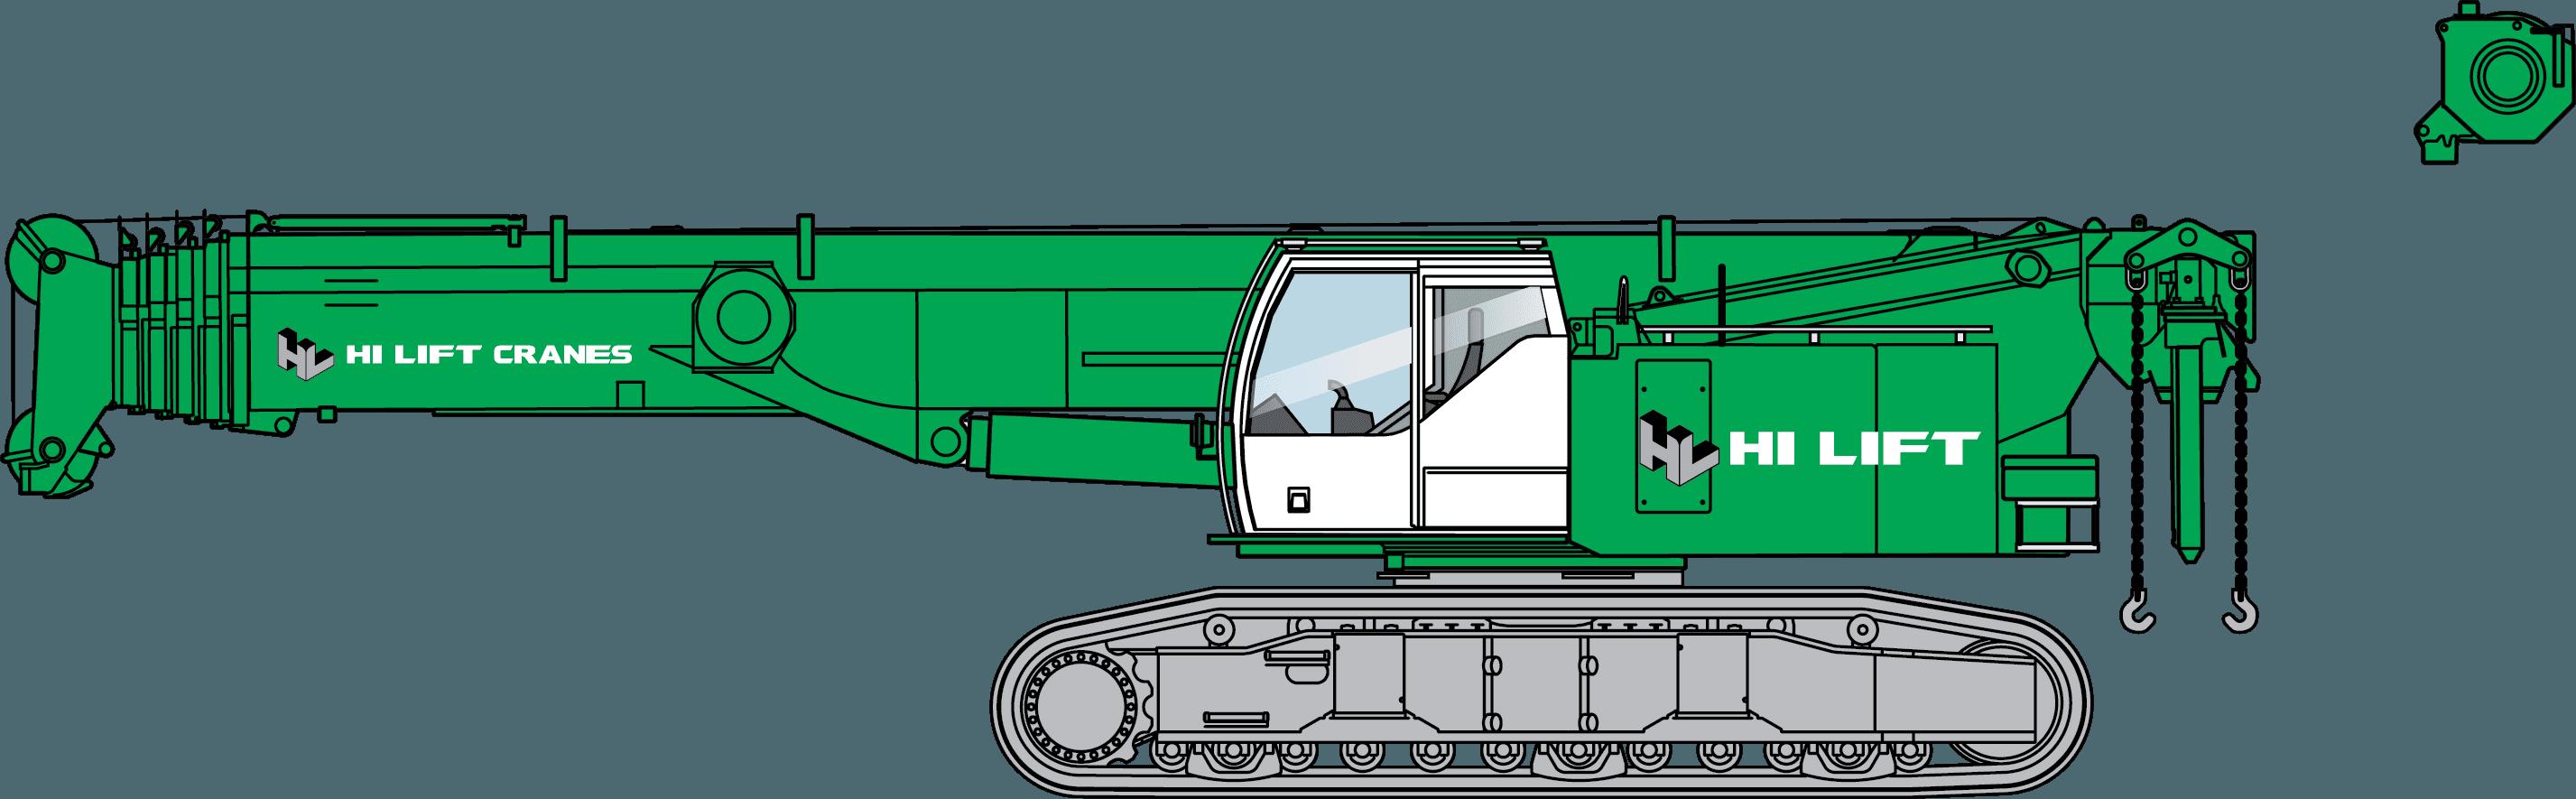 LIEBHERR LTR1100 - 100 TONNE